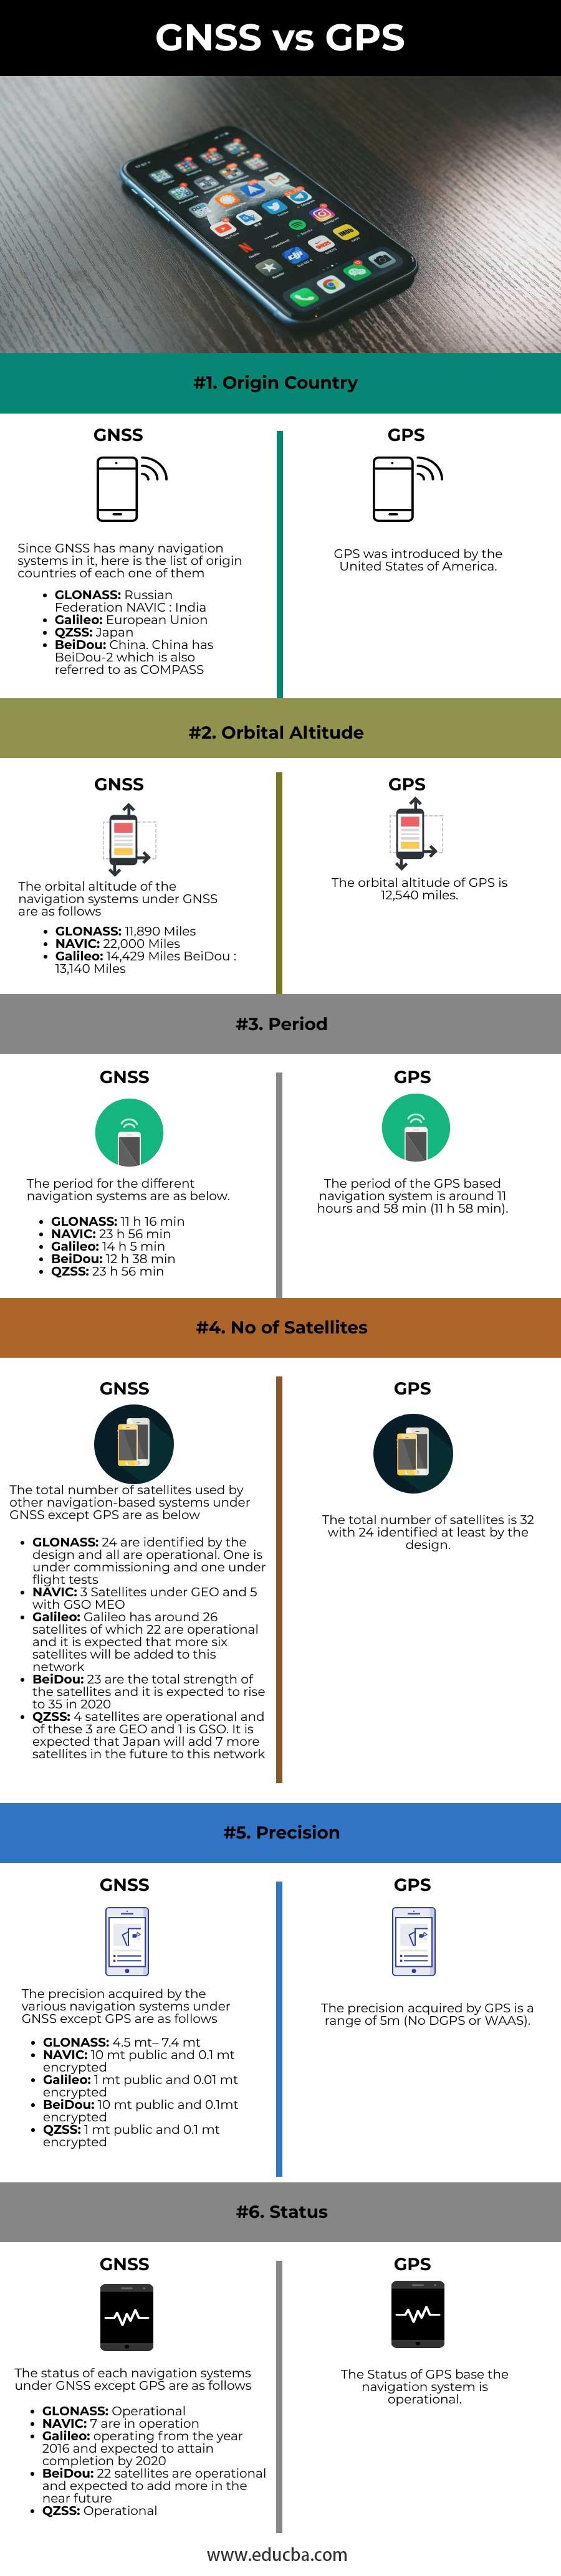 GNSS-vs-GPS-info